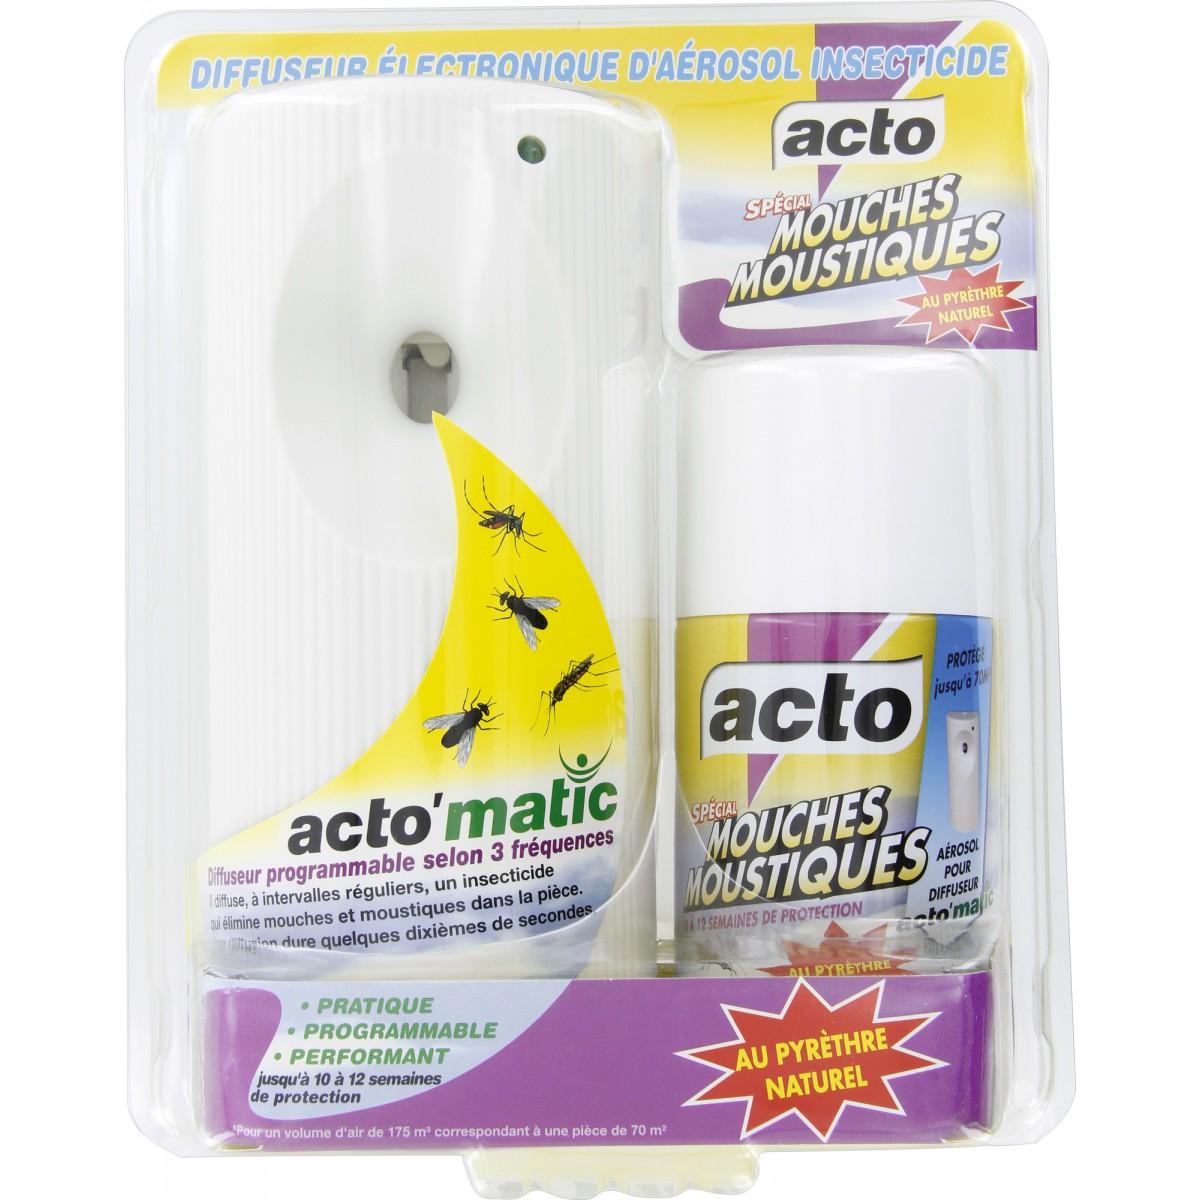 Diffuseur électrique d'insecticide pour mouches et moustiques Acto